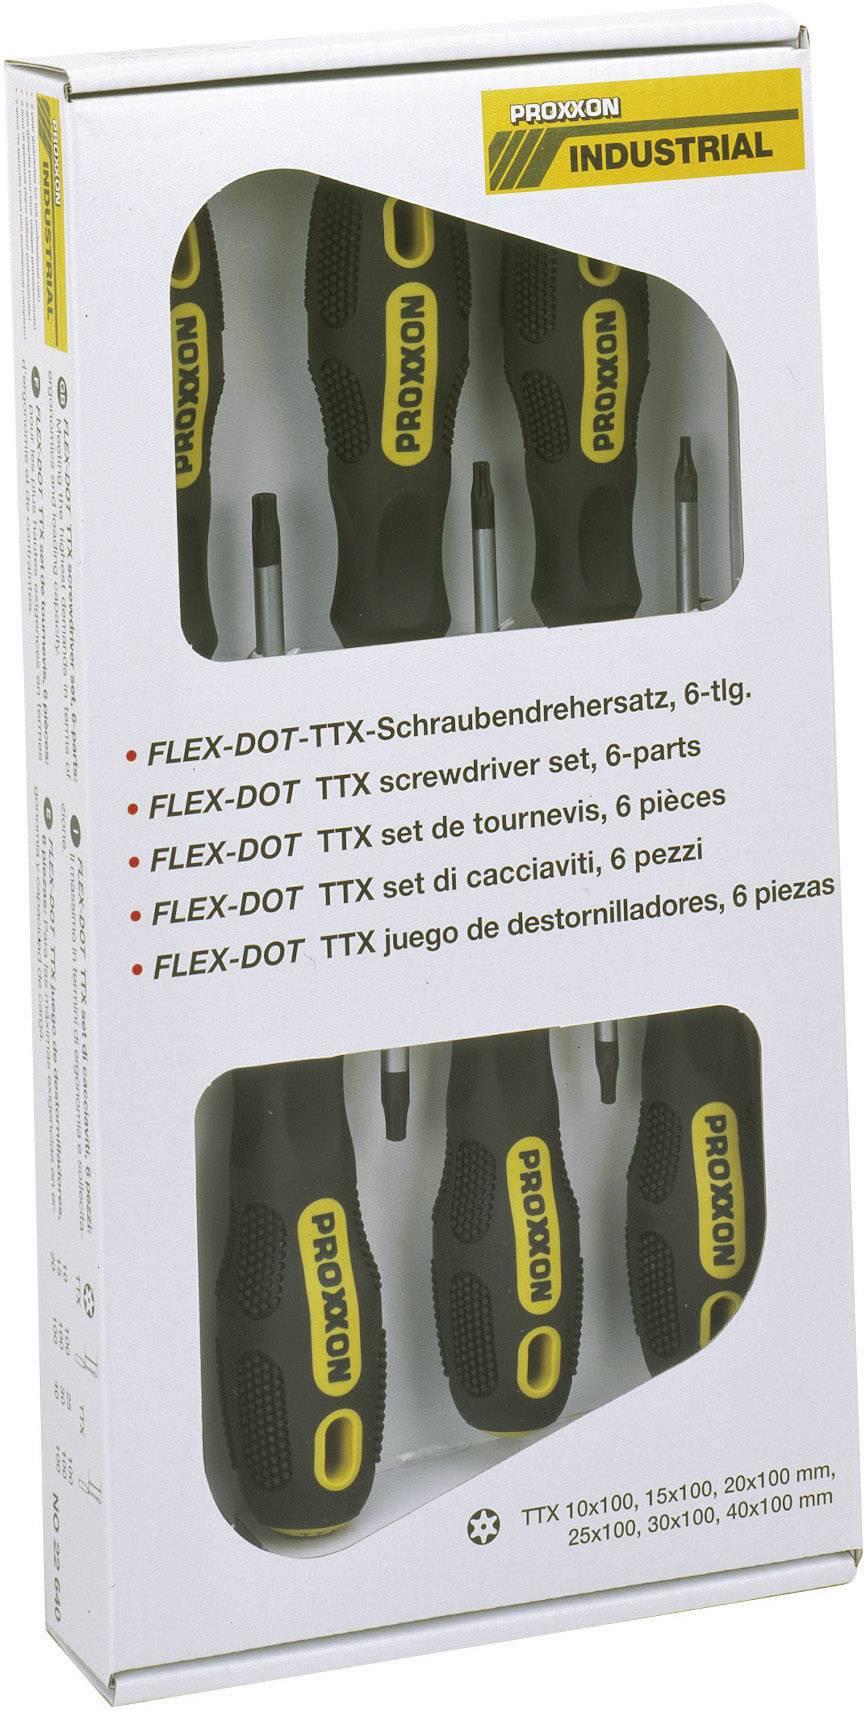 Sada šroubováků Proxxon Industrial TORX® BO 22640, 6-dílná